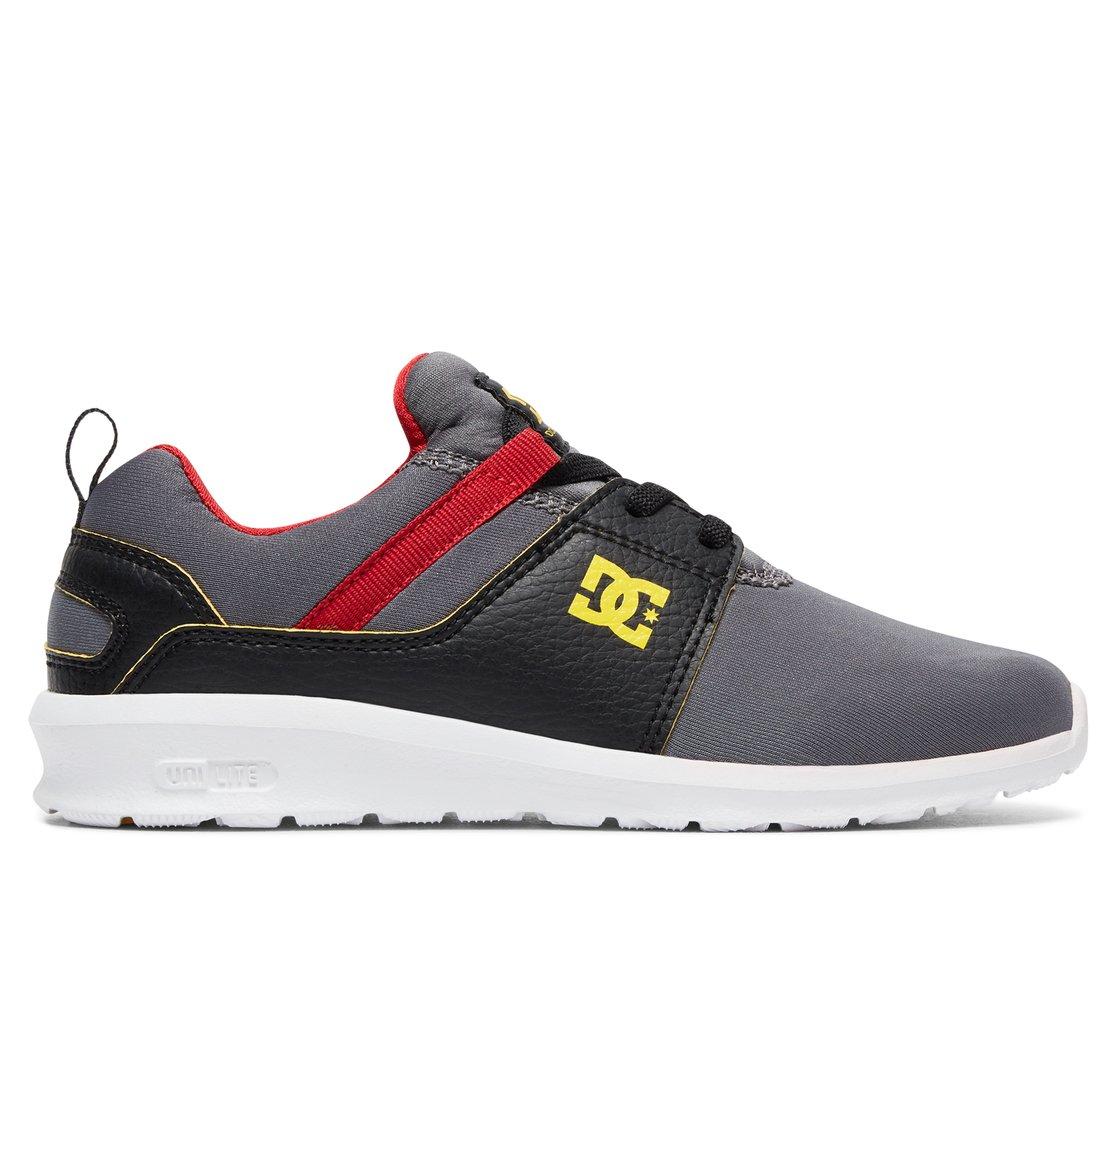 Chaussures DC Shoes Heathrow SE grises homme WF1tZw